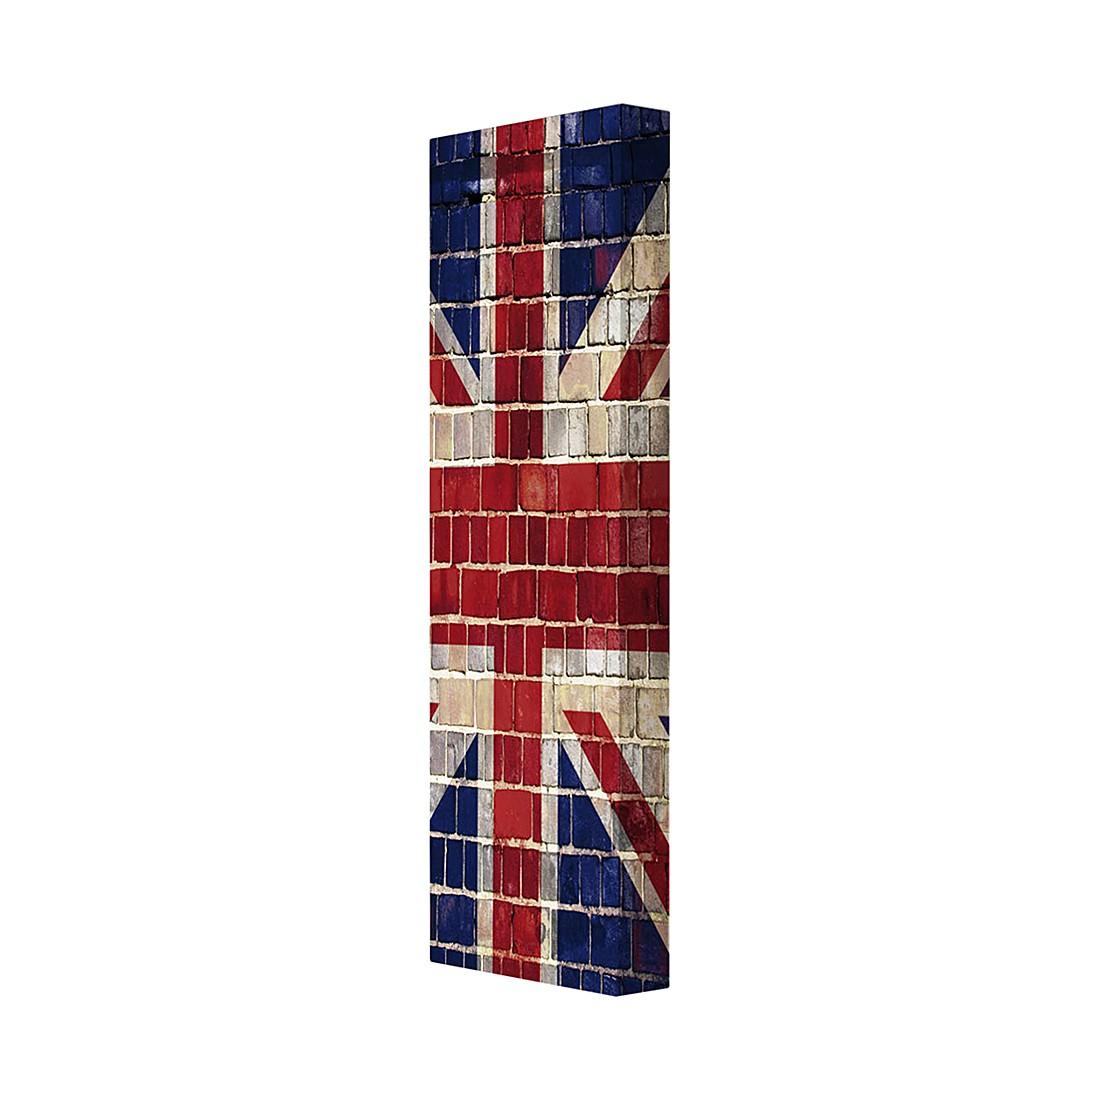 Schuhschrank UK – Backsteinoptik mit Union Jack Motiv, Magazin-Möbel online bestellen